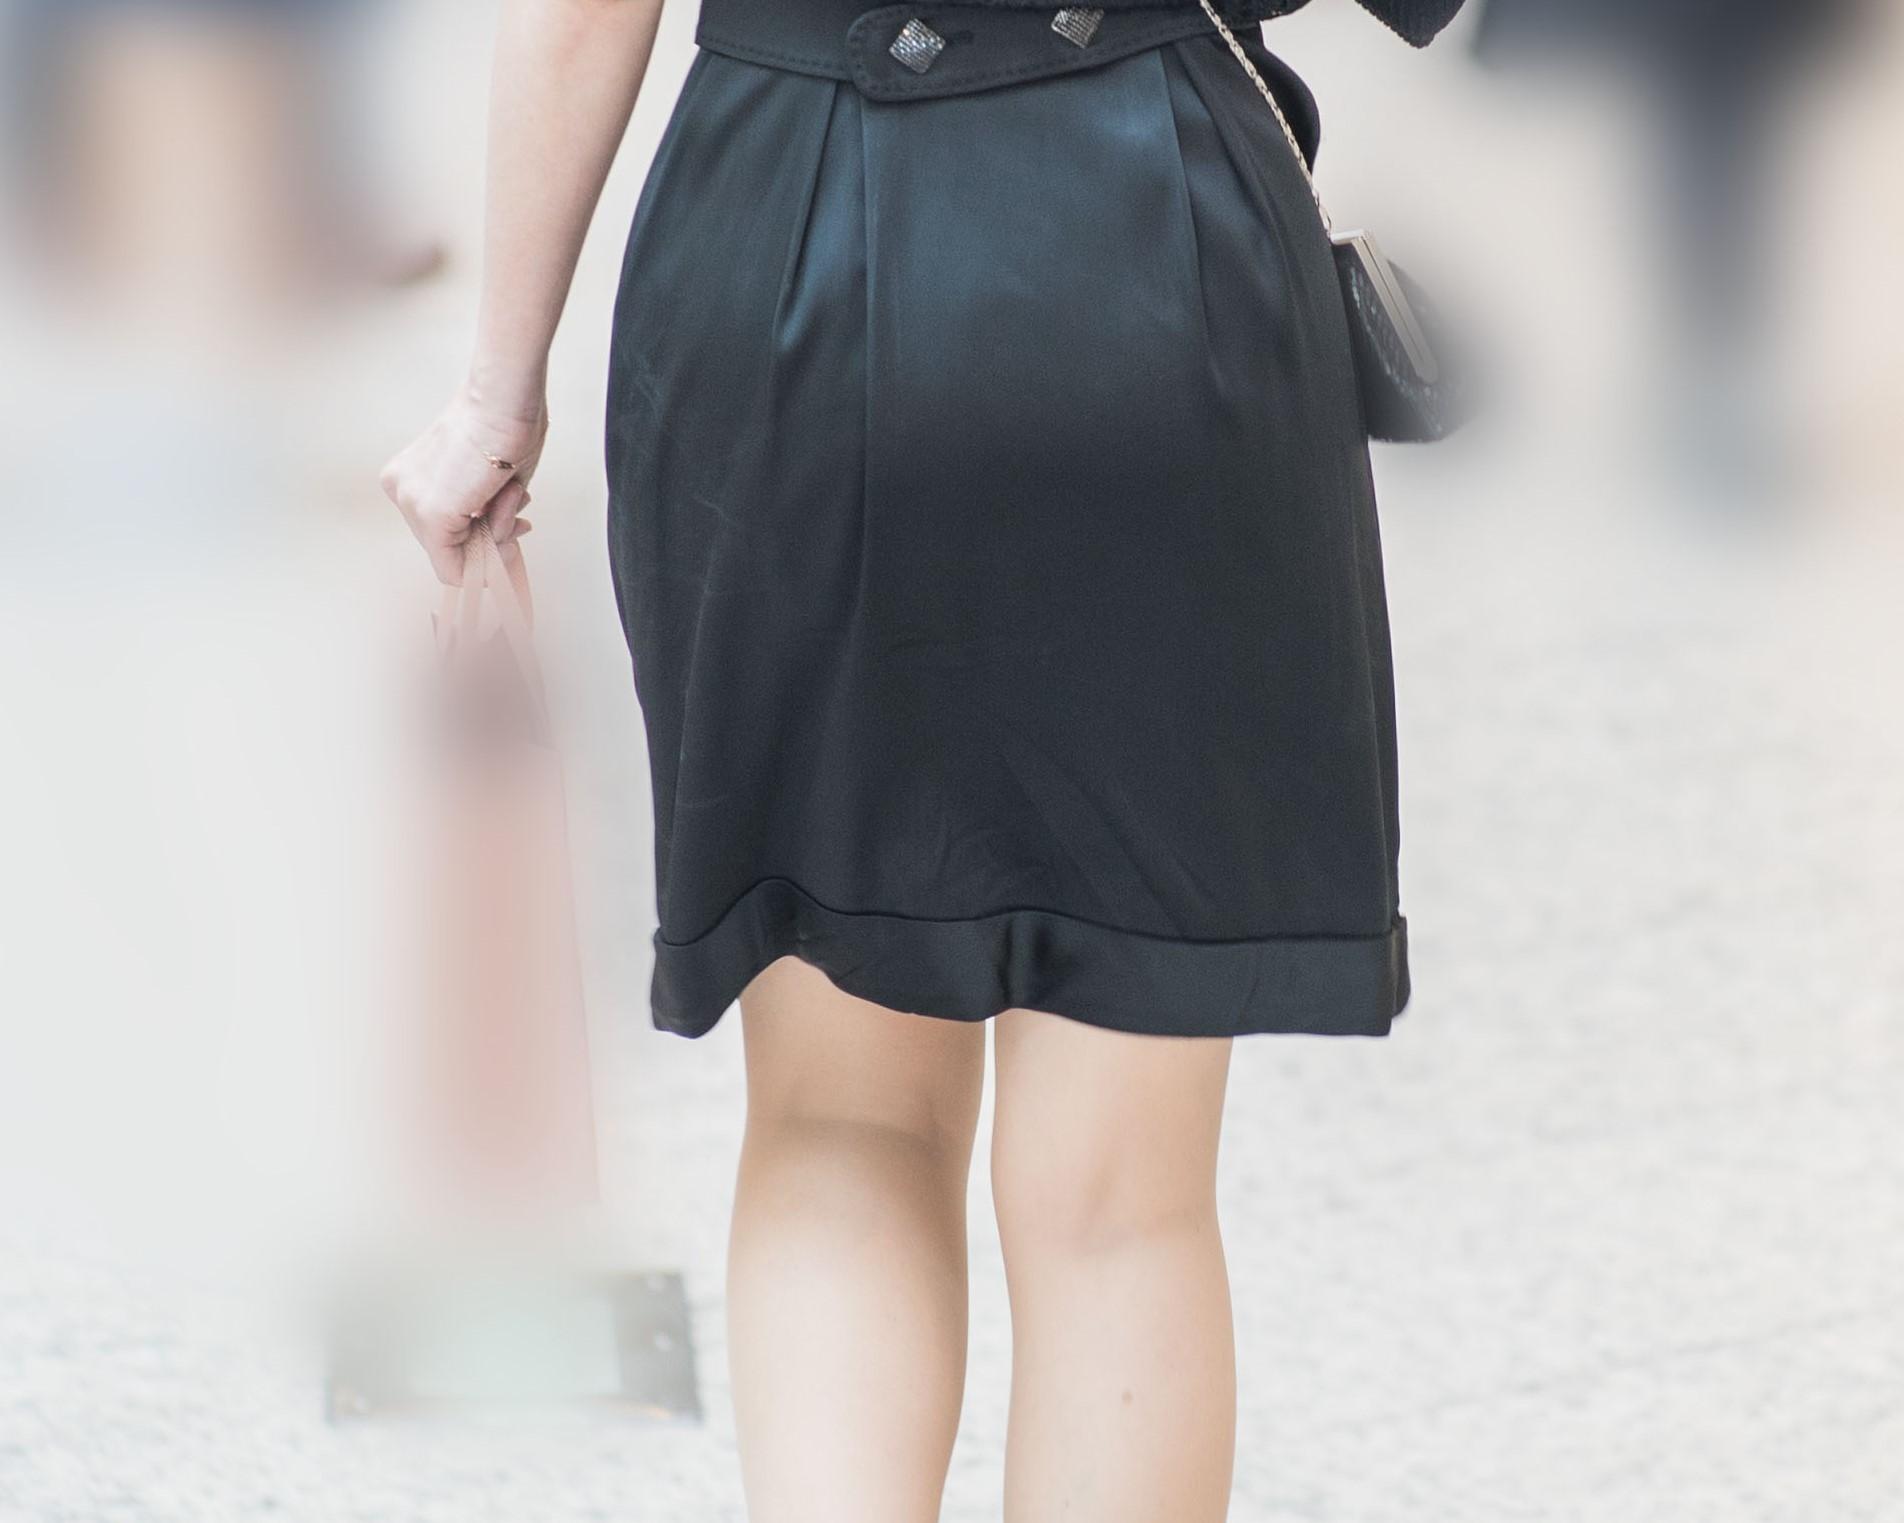 【街撮り】黒ワンピの清楚なパーティドレスが妙に色っぽいお嬢さん